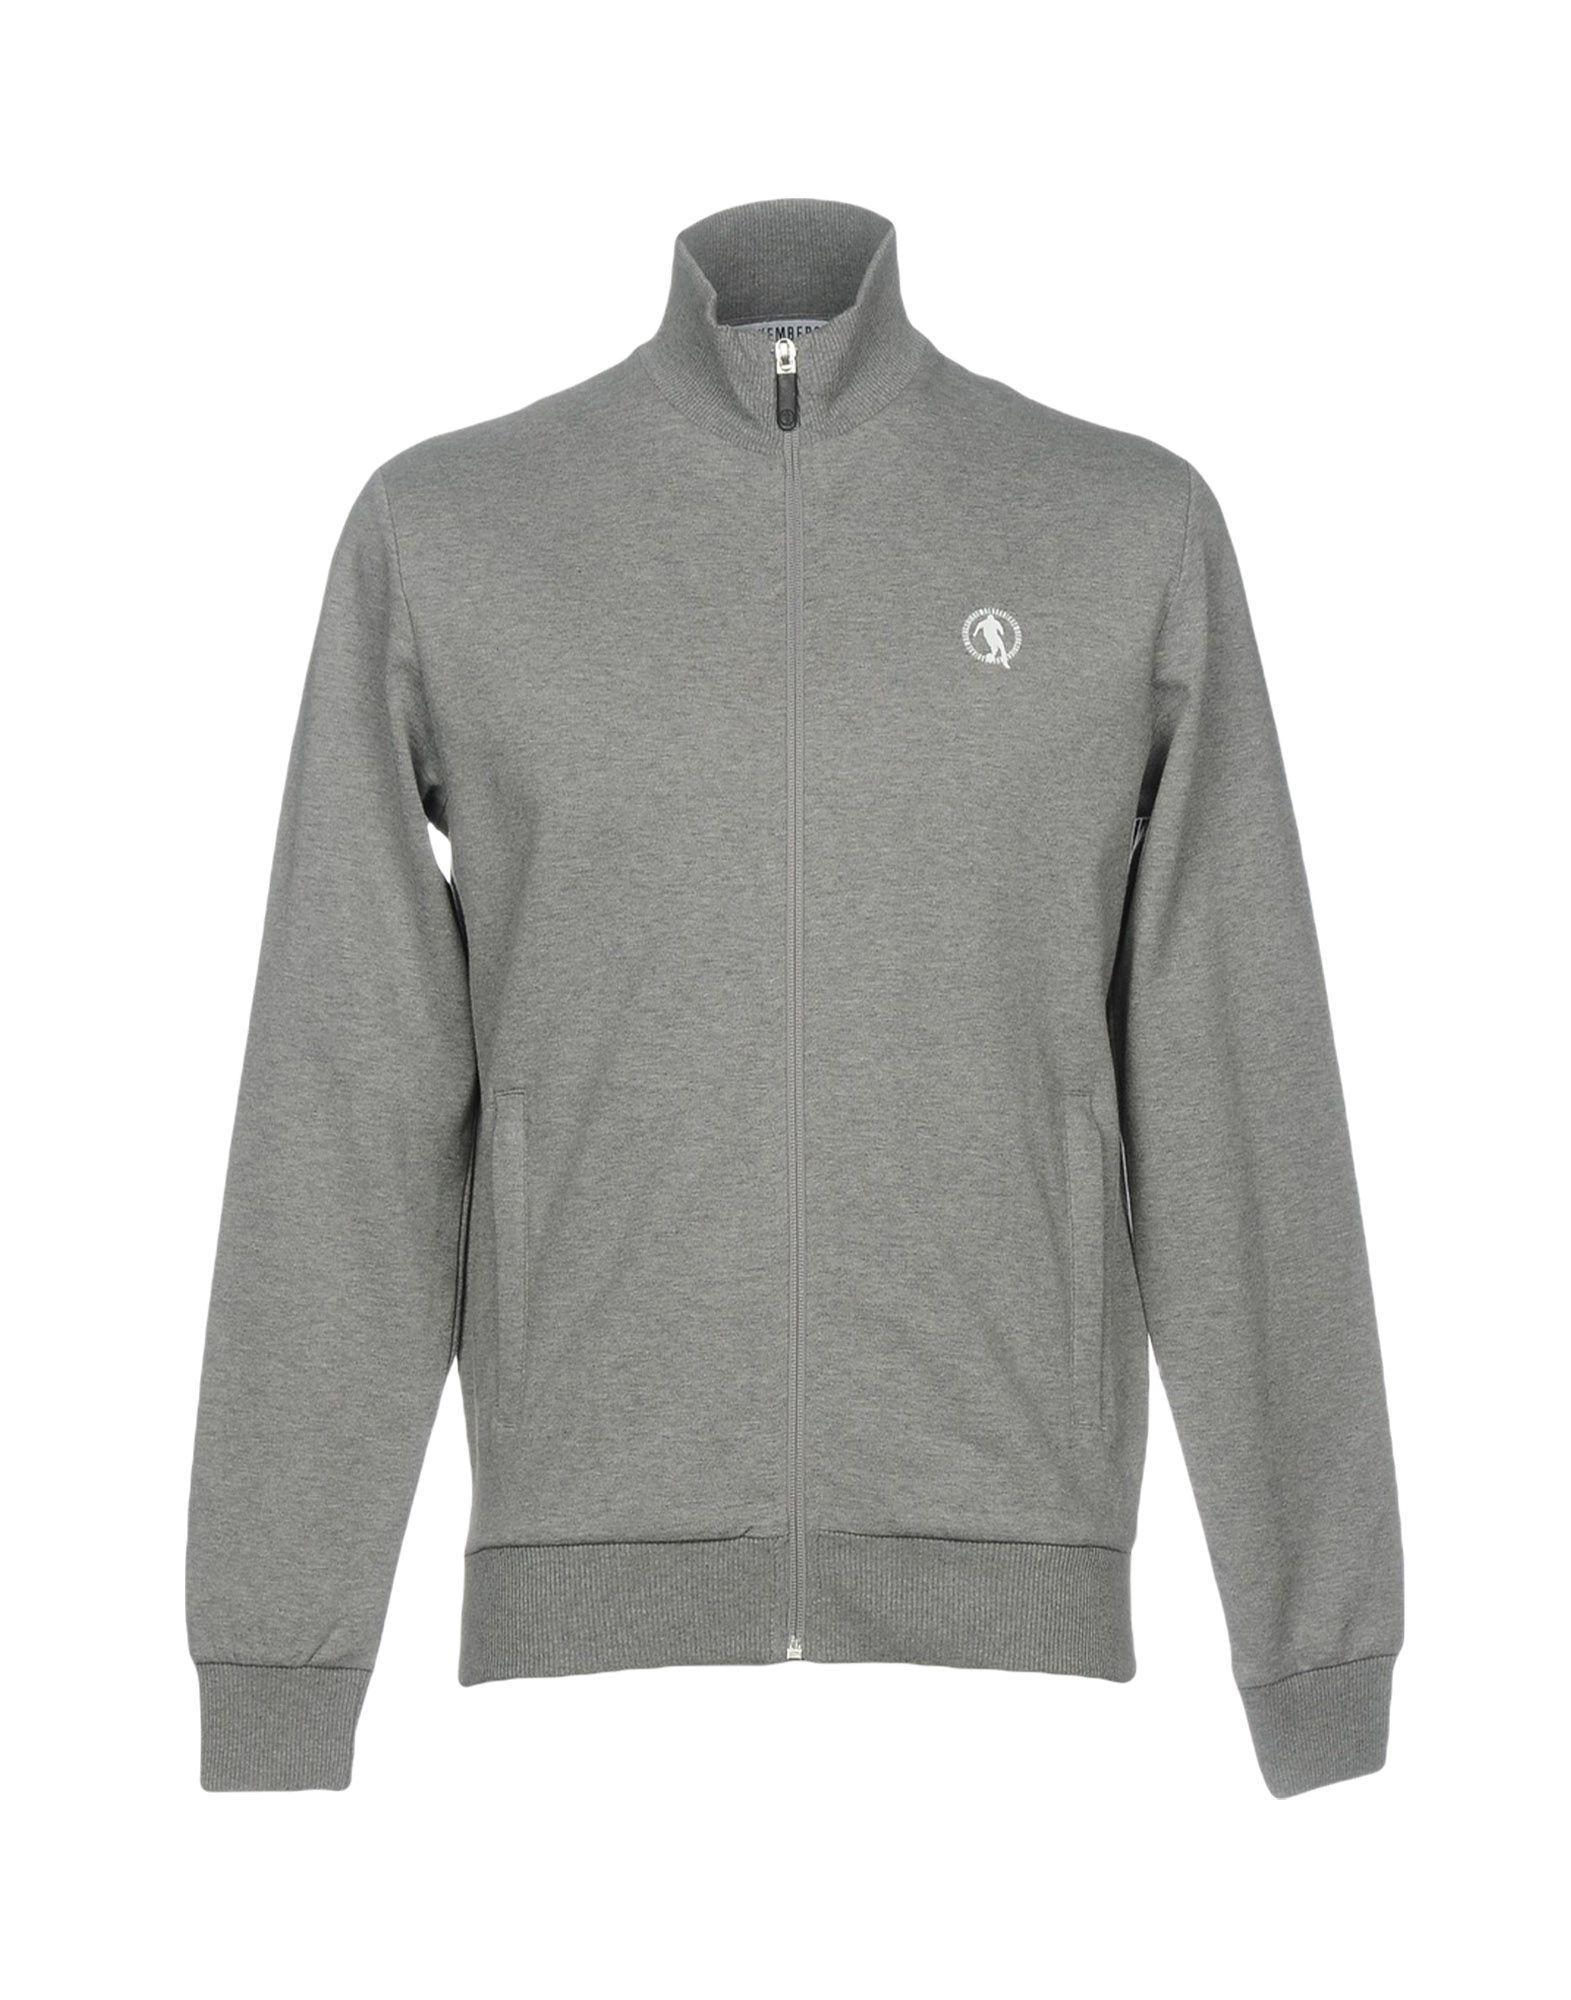 Bikkembergs Sweatshirt In Grey